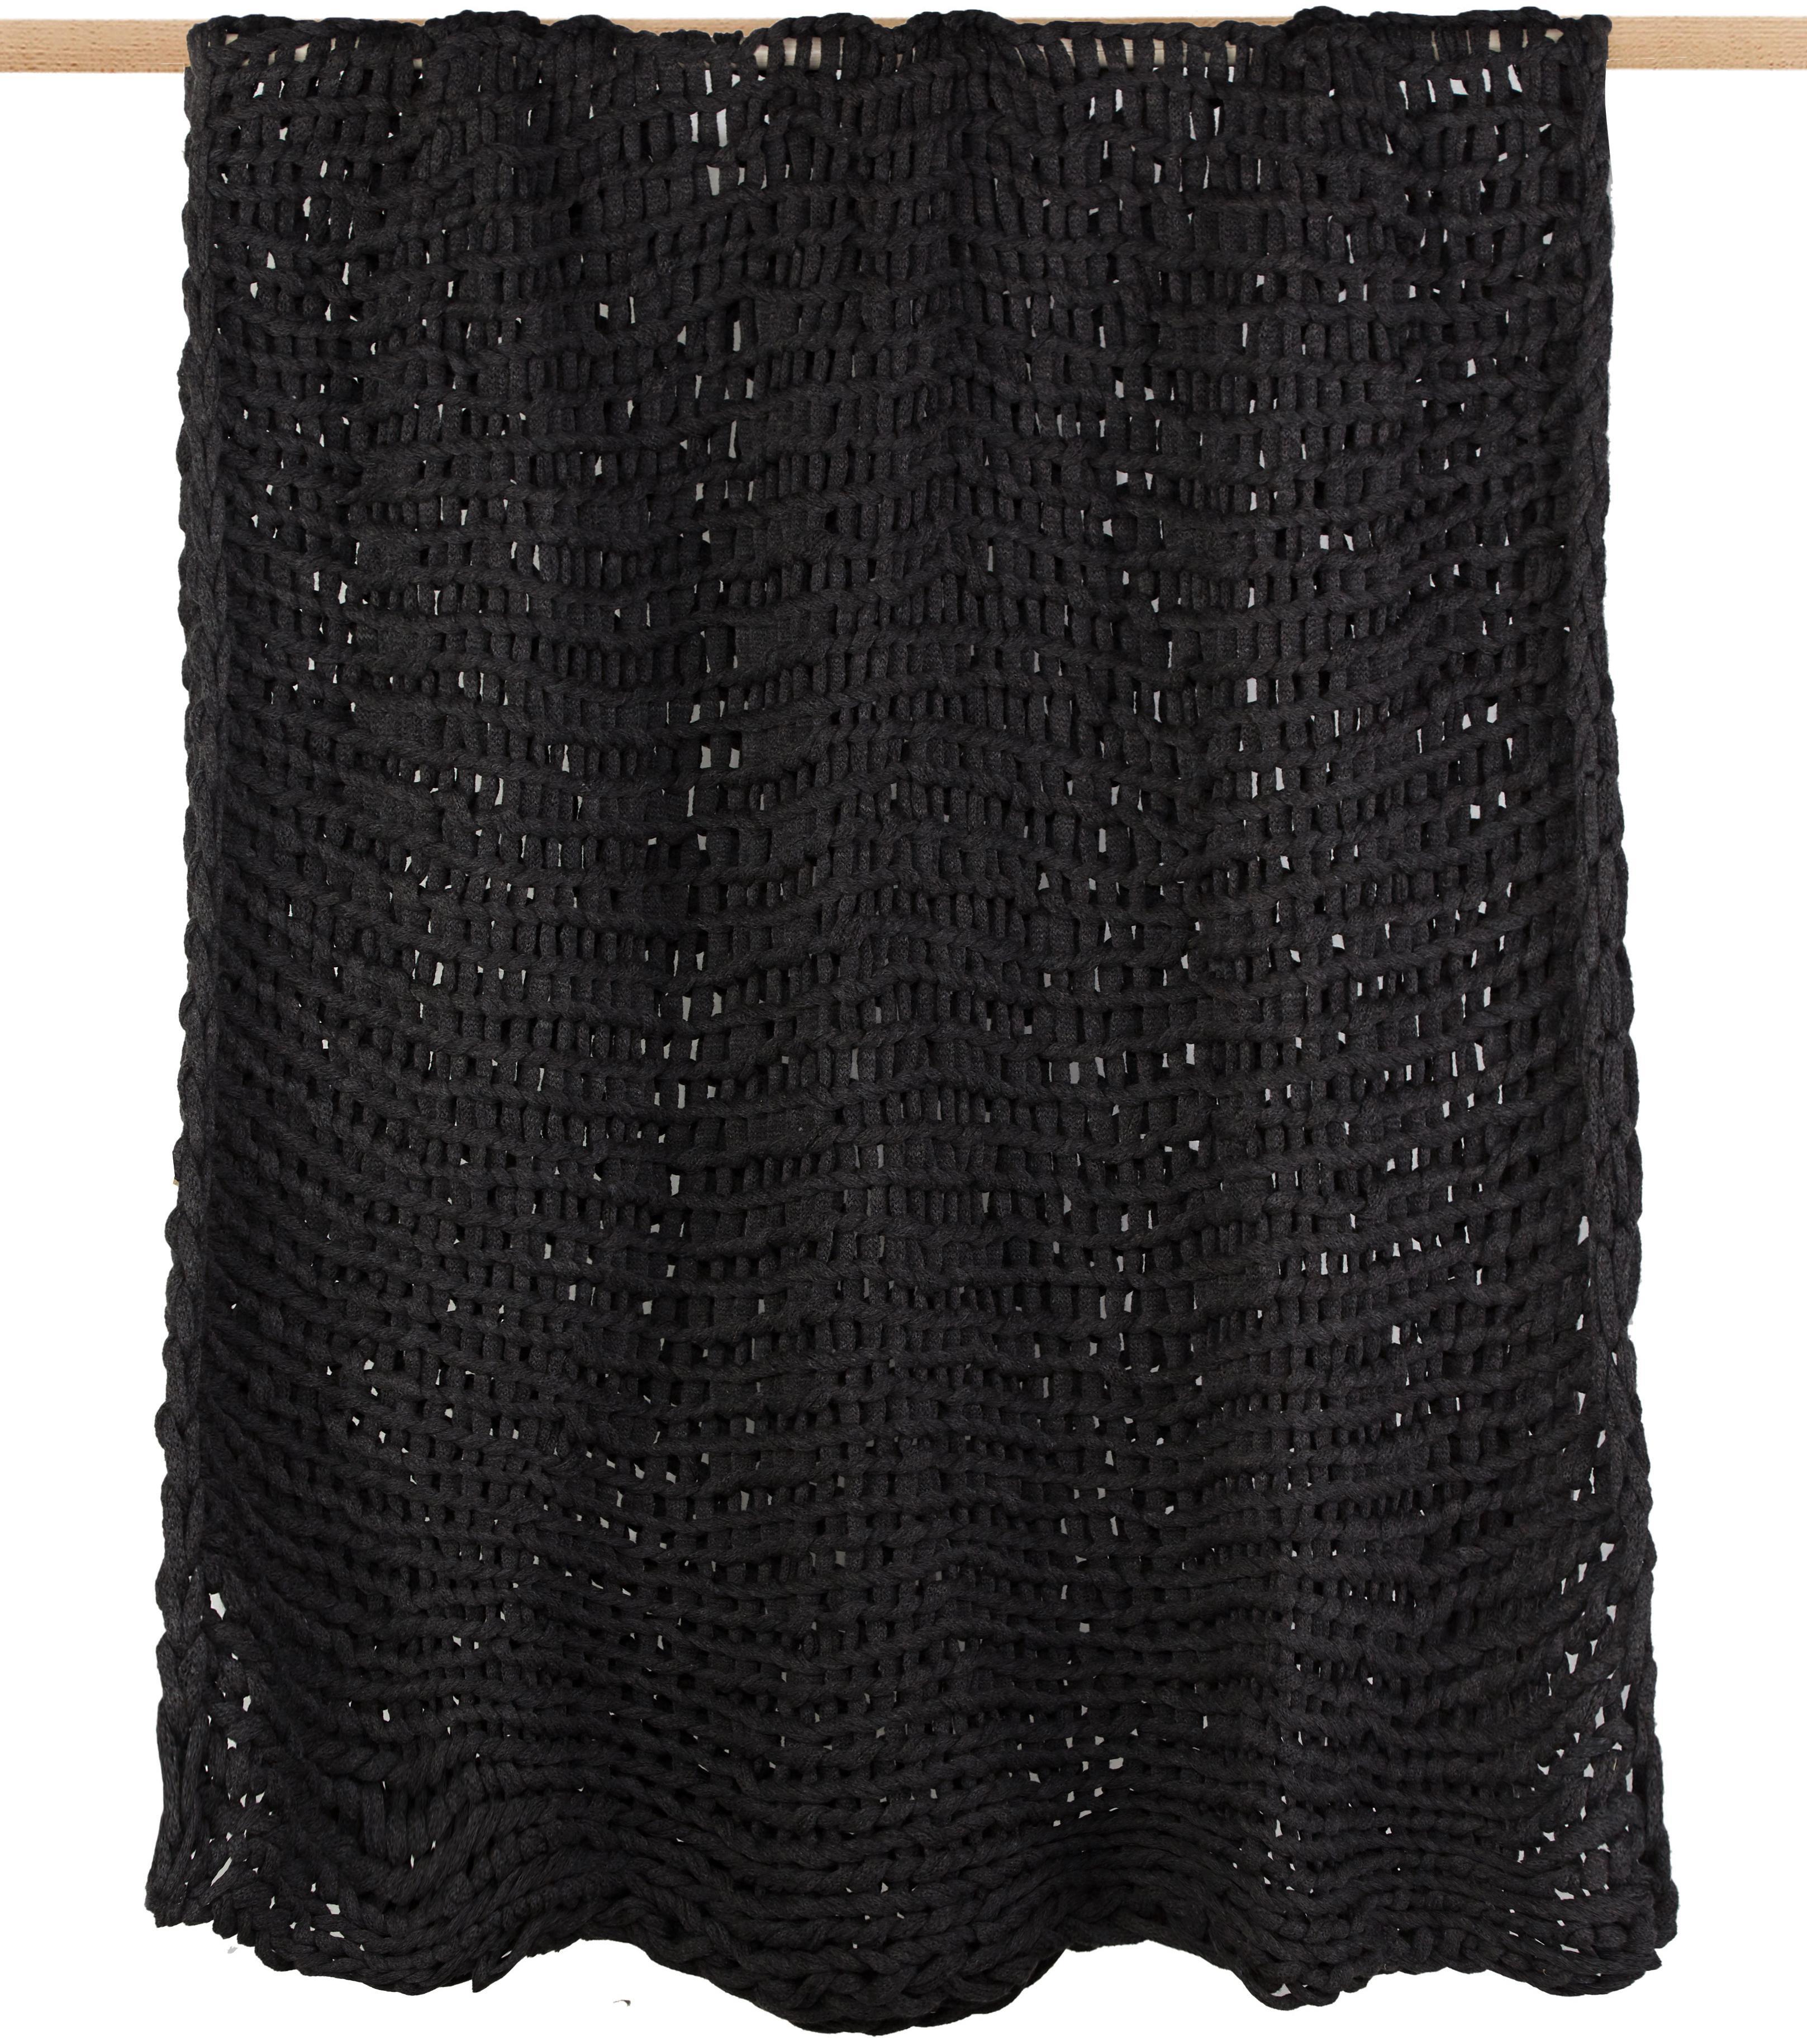 Plaid a maglia Adyna, 100% acrilico, Grigio scuro, 150 x 200 cm